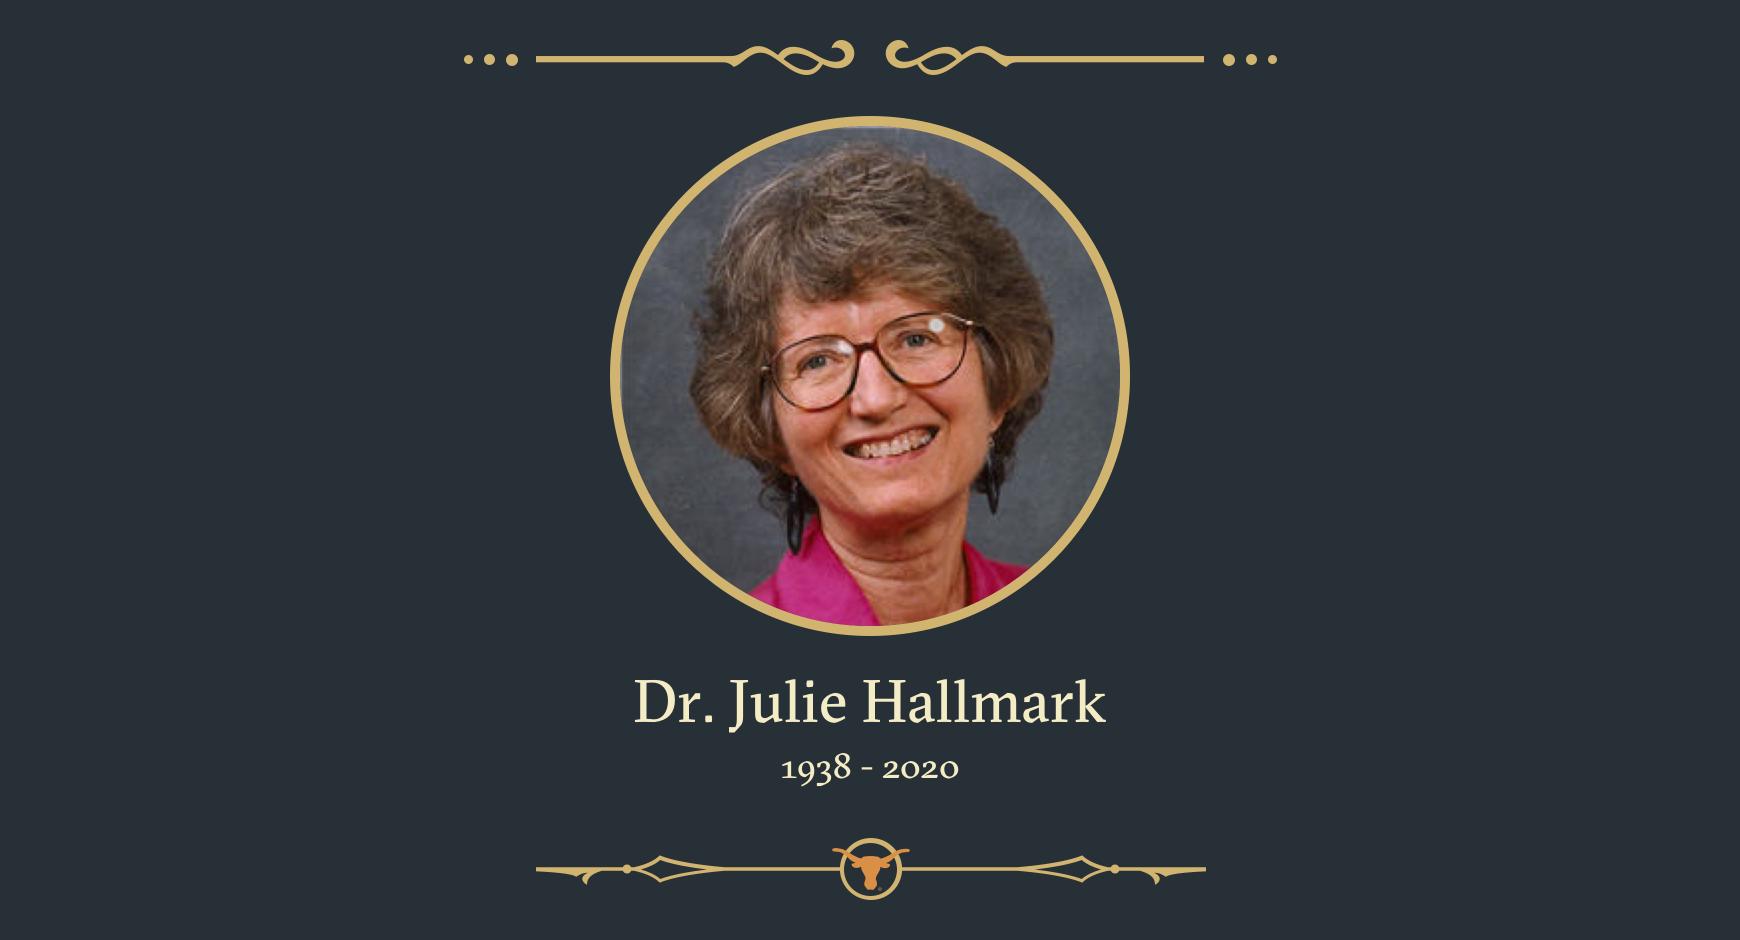 In memoriam of Dr. Julie Hallmark, UT professor emerita